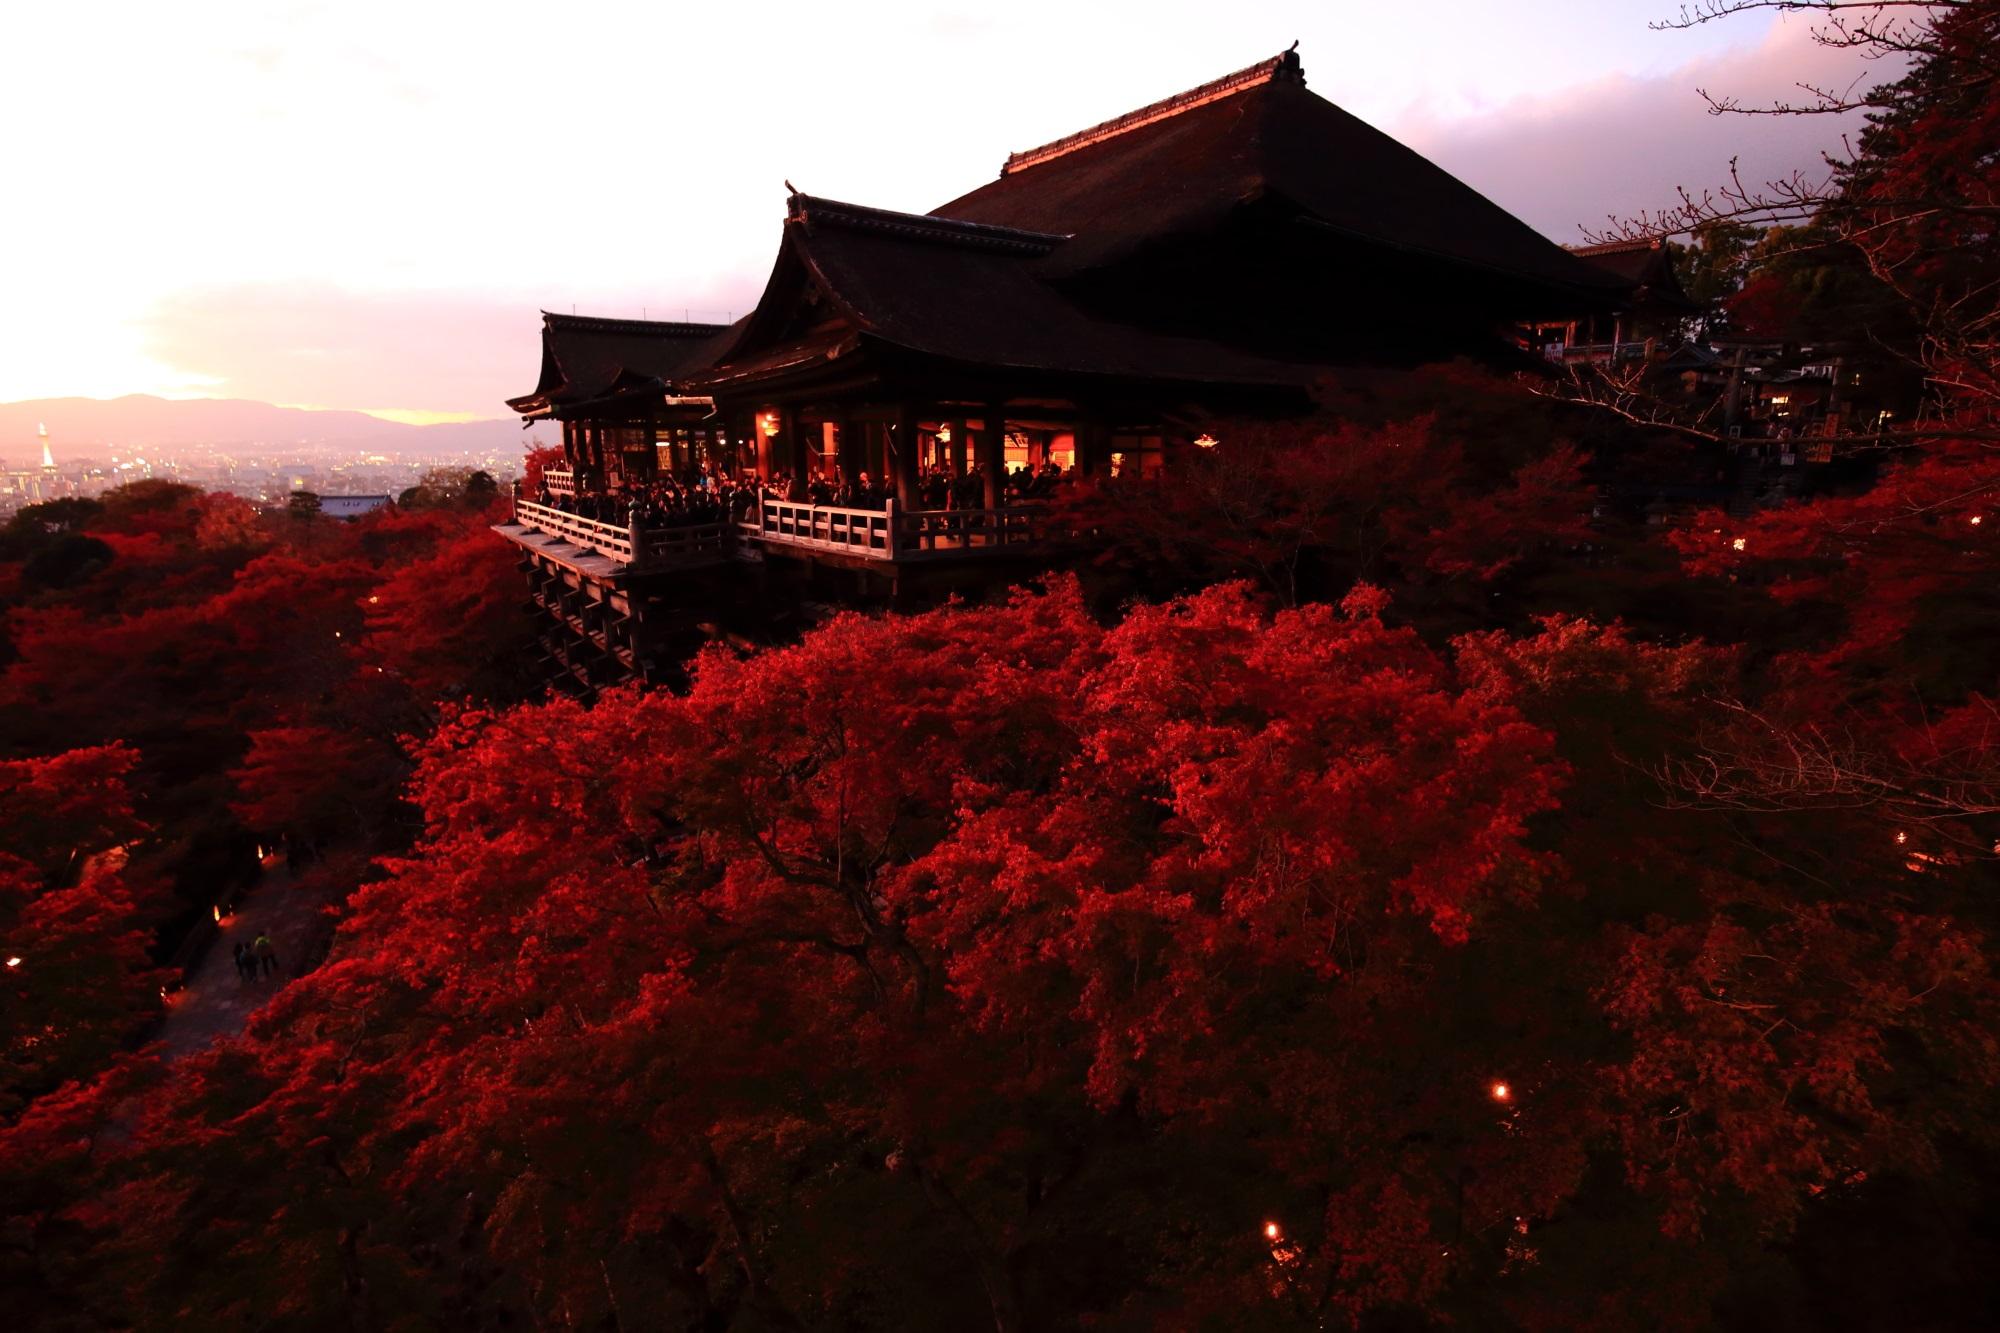 夕焼けと真っ赤な見ごろの紅葉につつまれた清水寺